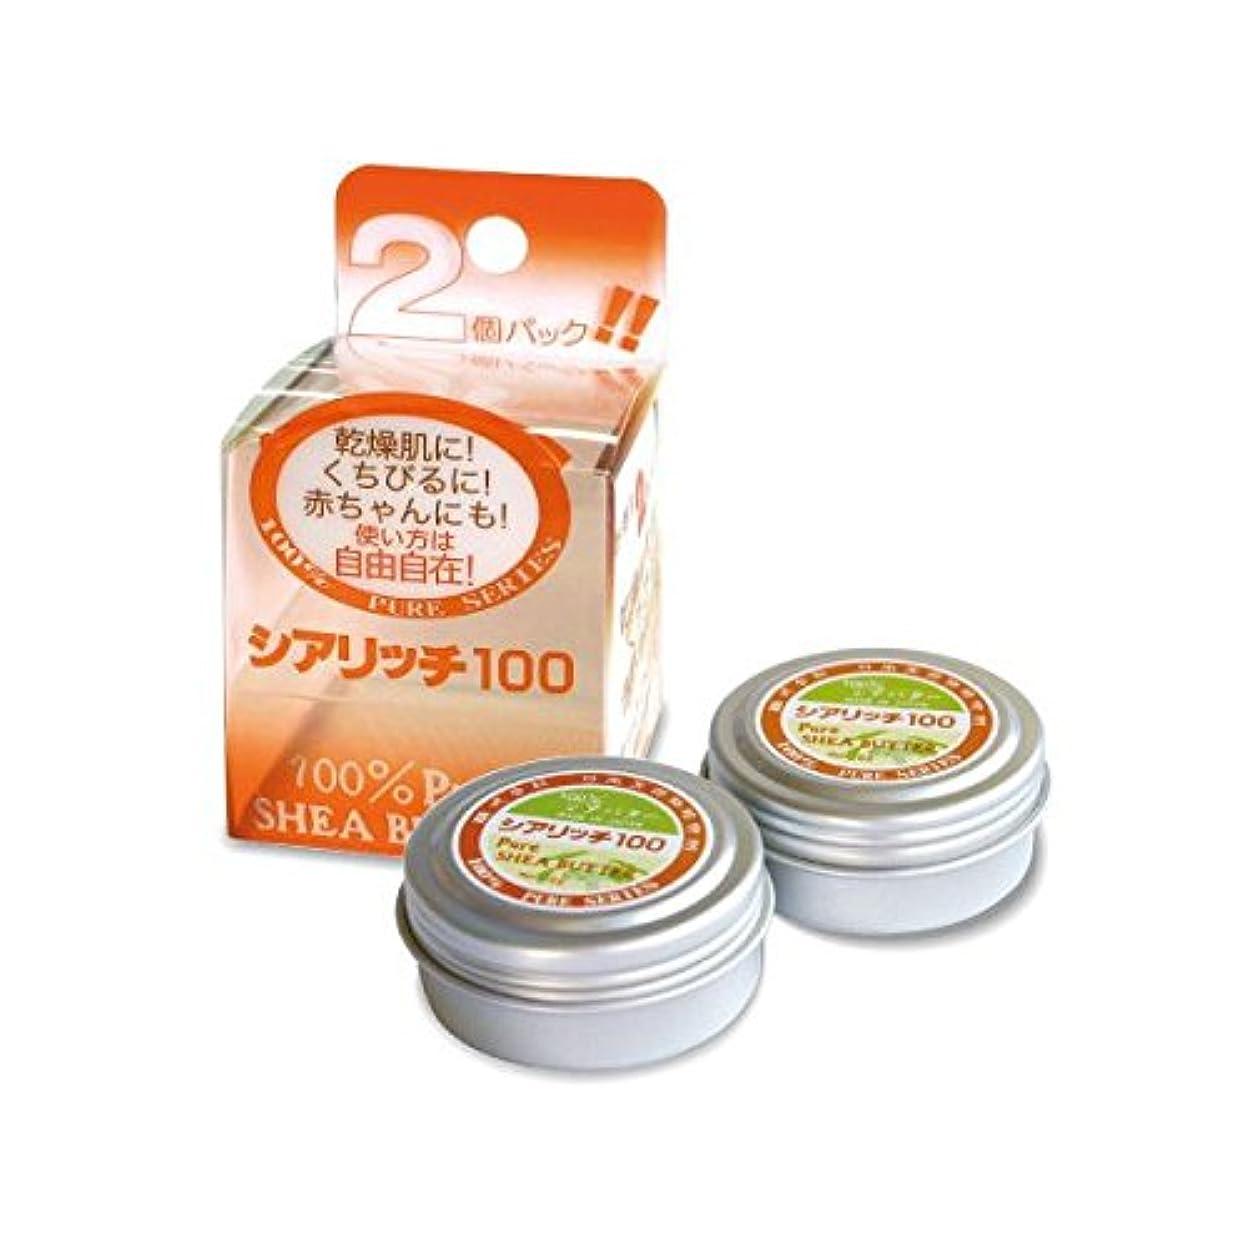 言い訳発動機読者日本天然物研究所 シアリッチ100 (8g×2個入り)【単品】(無添加100%シアバター)無香料